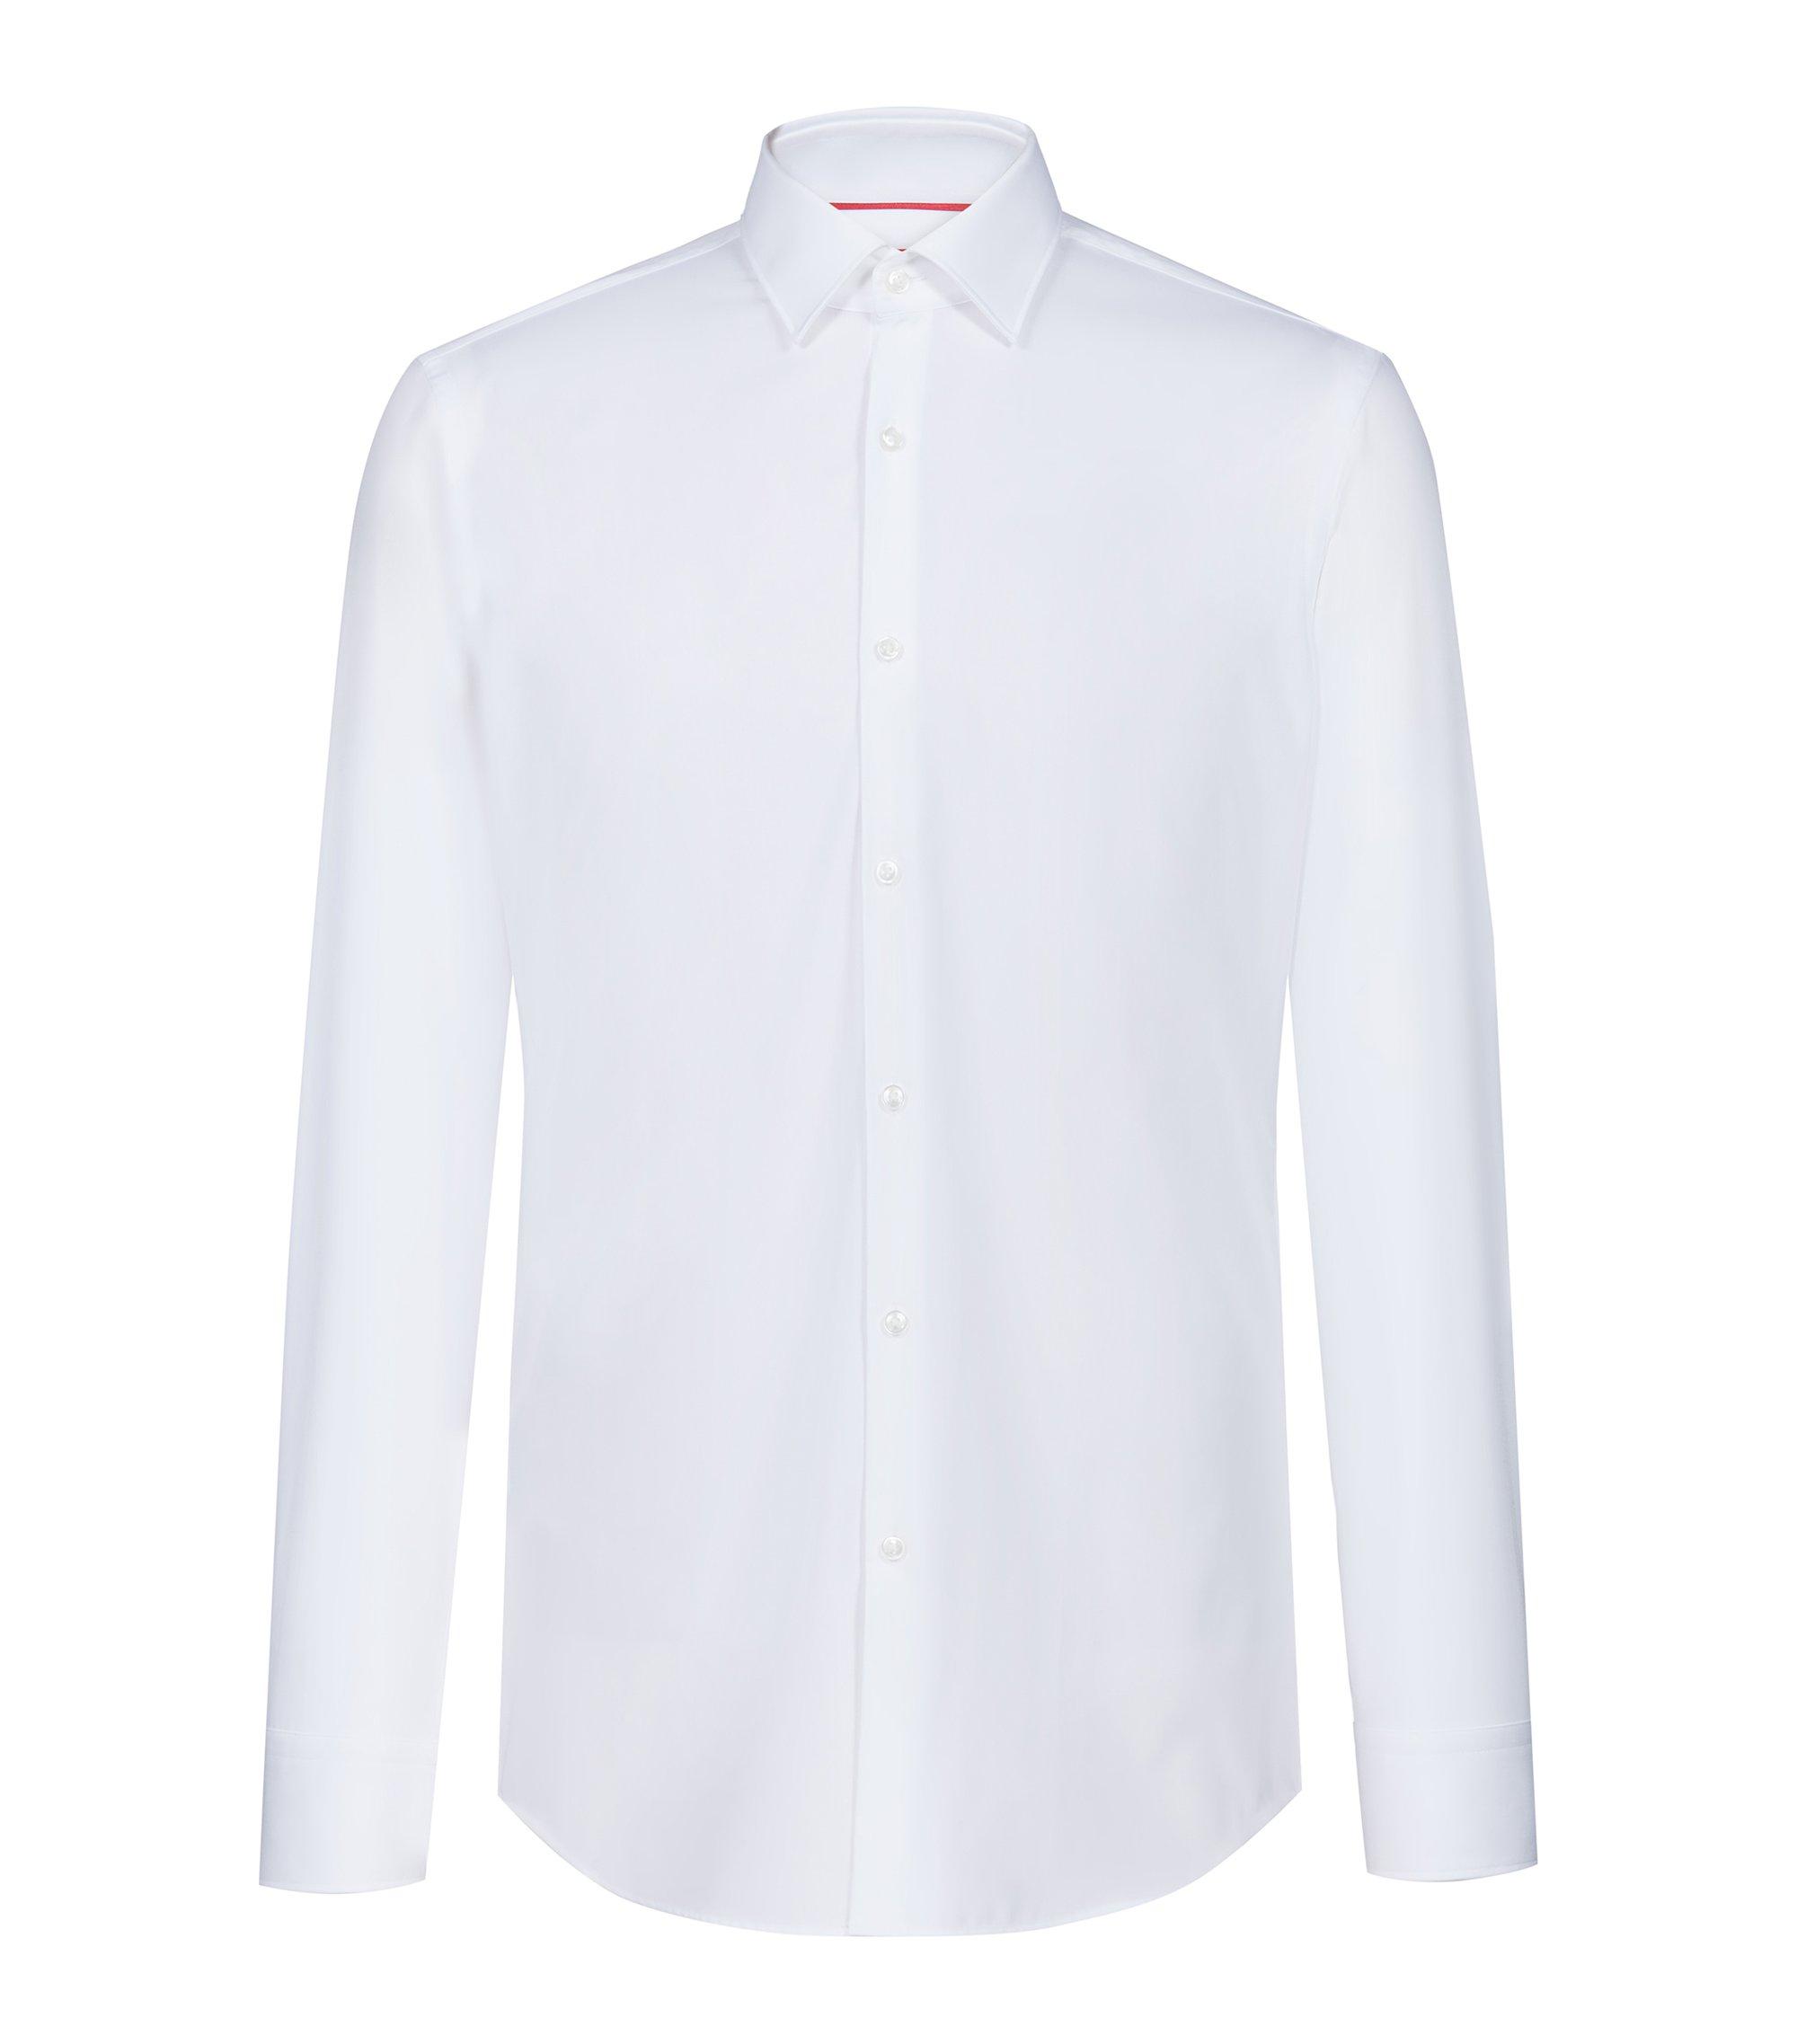 Slim-Fit Hemd aus Baumwoll-Popeline, Weiß